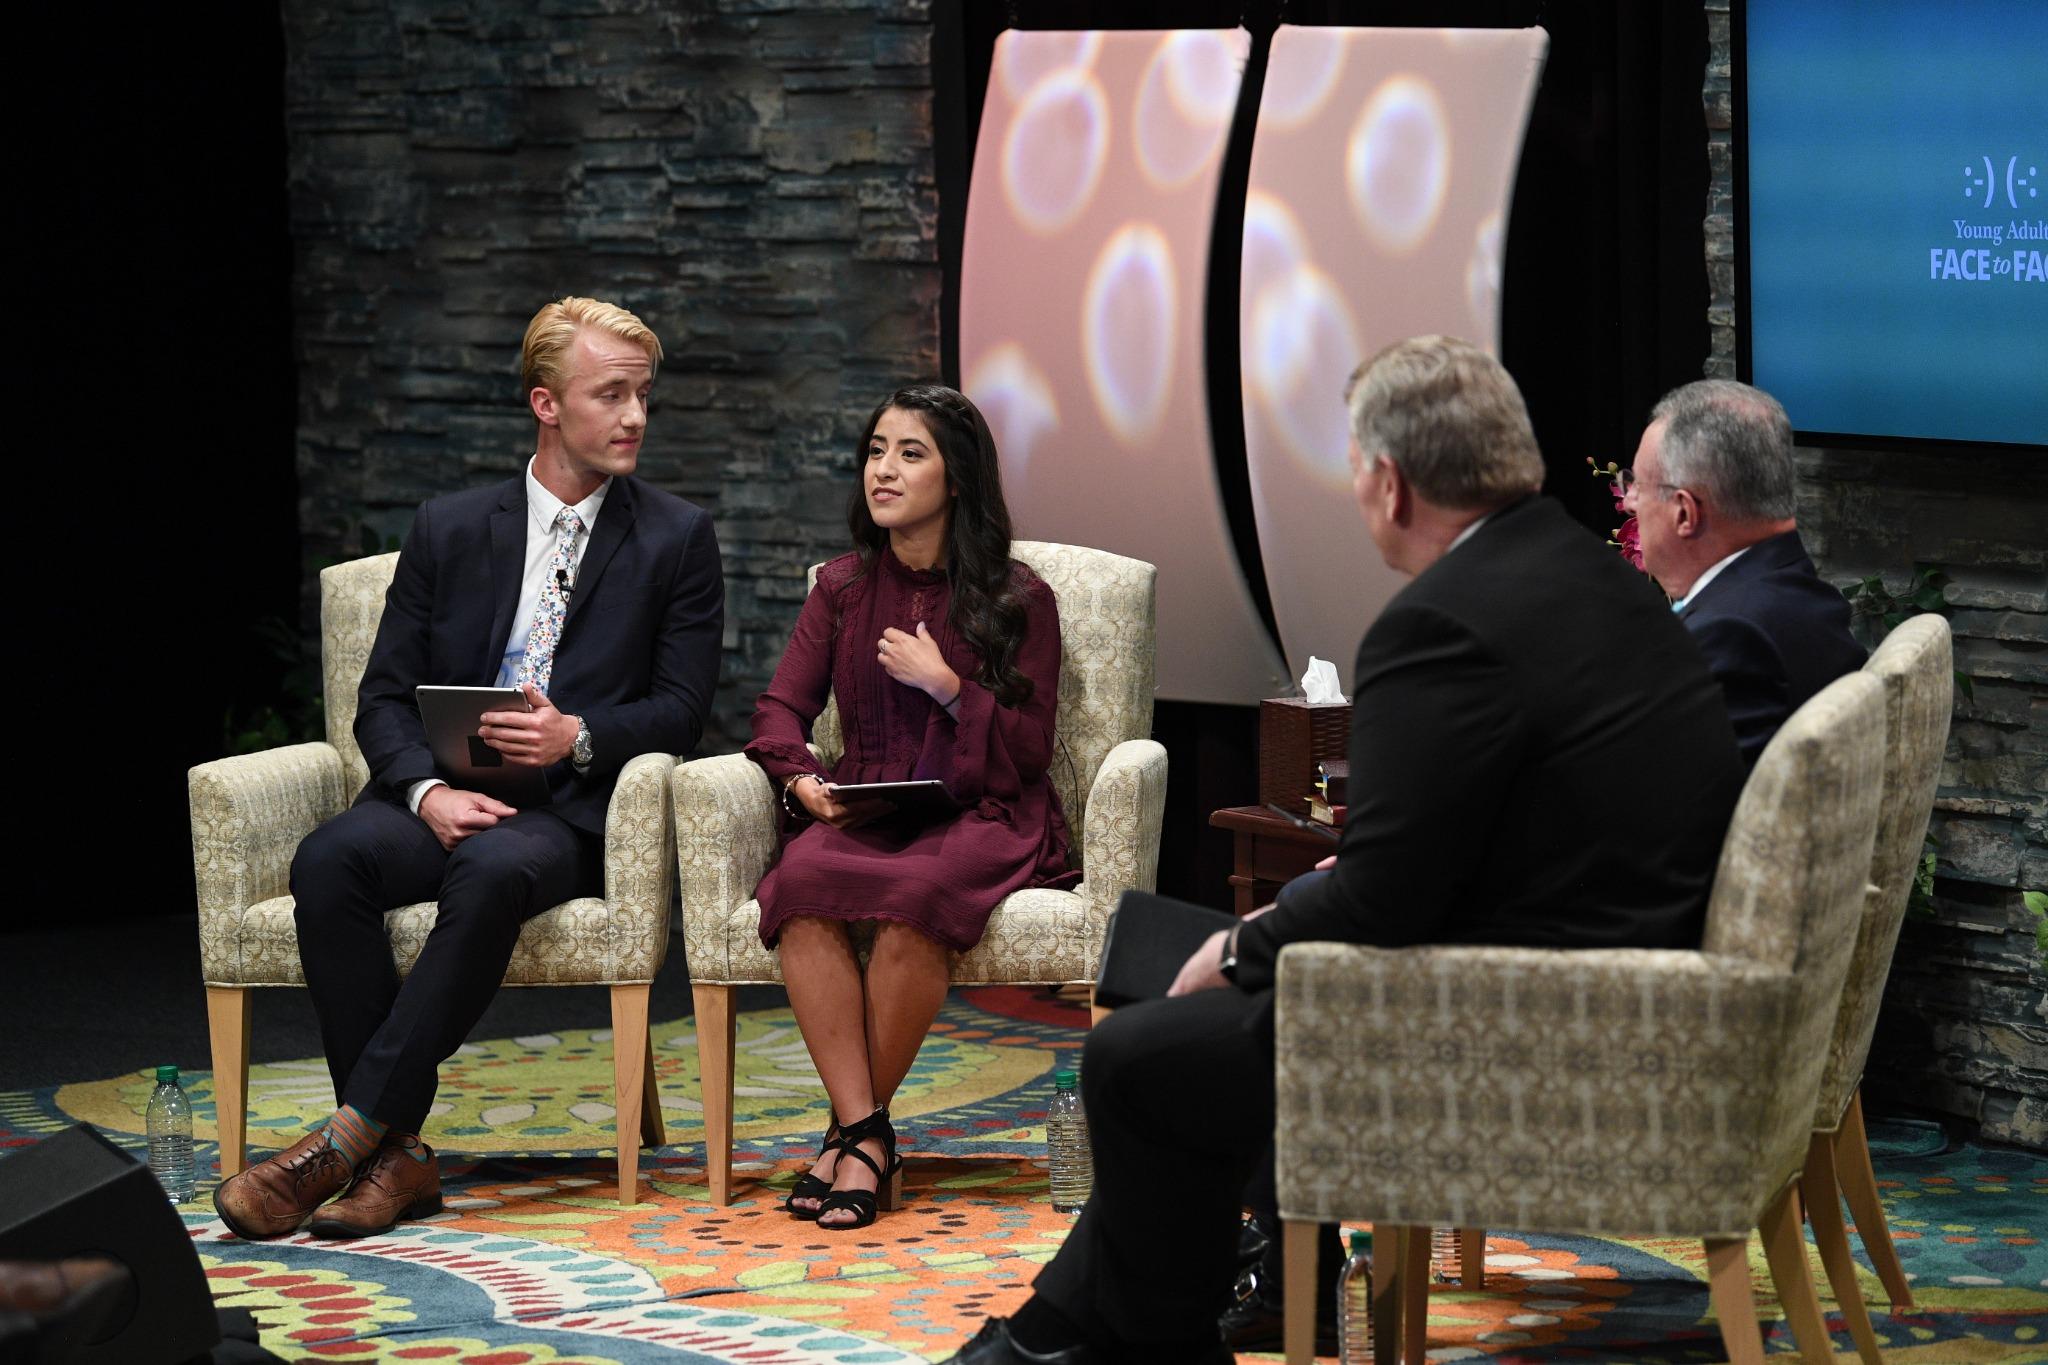 Os jovens adultos santos dos últimos dias, Max Alley e Liliana Tapia, servem como moderadores na transmissão do Devocional Mundial Cara a Cara em Provo, Utah, em 15 de setembro de 2019.